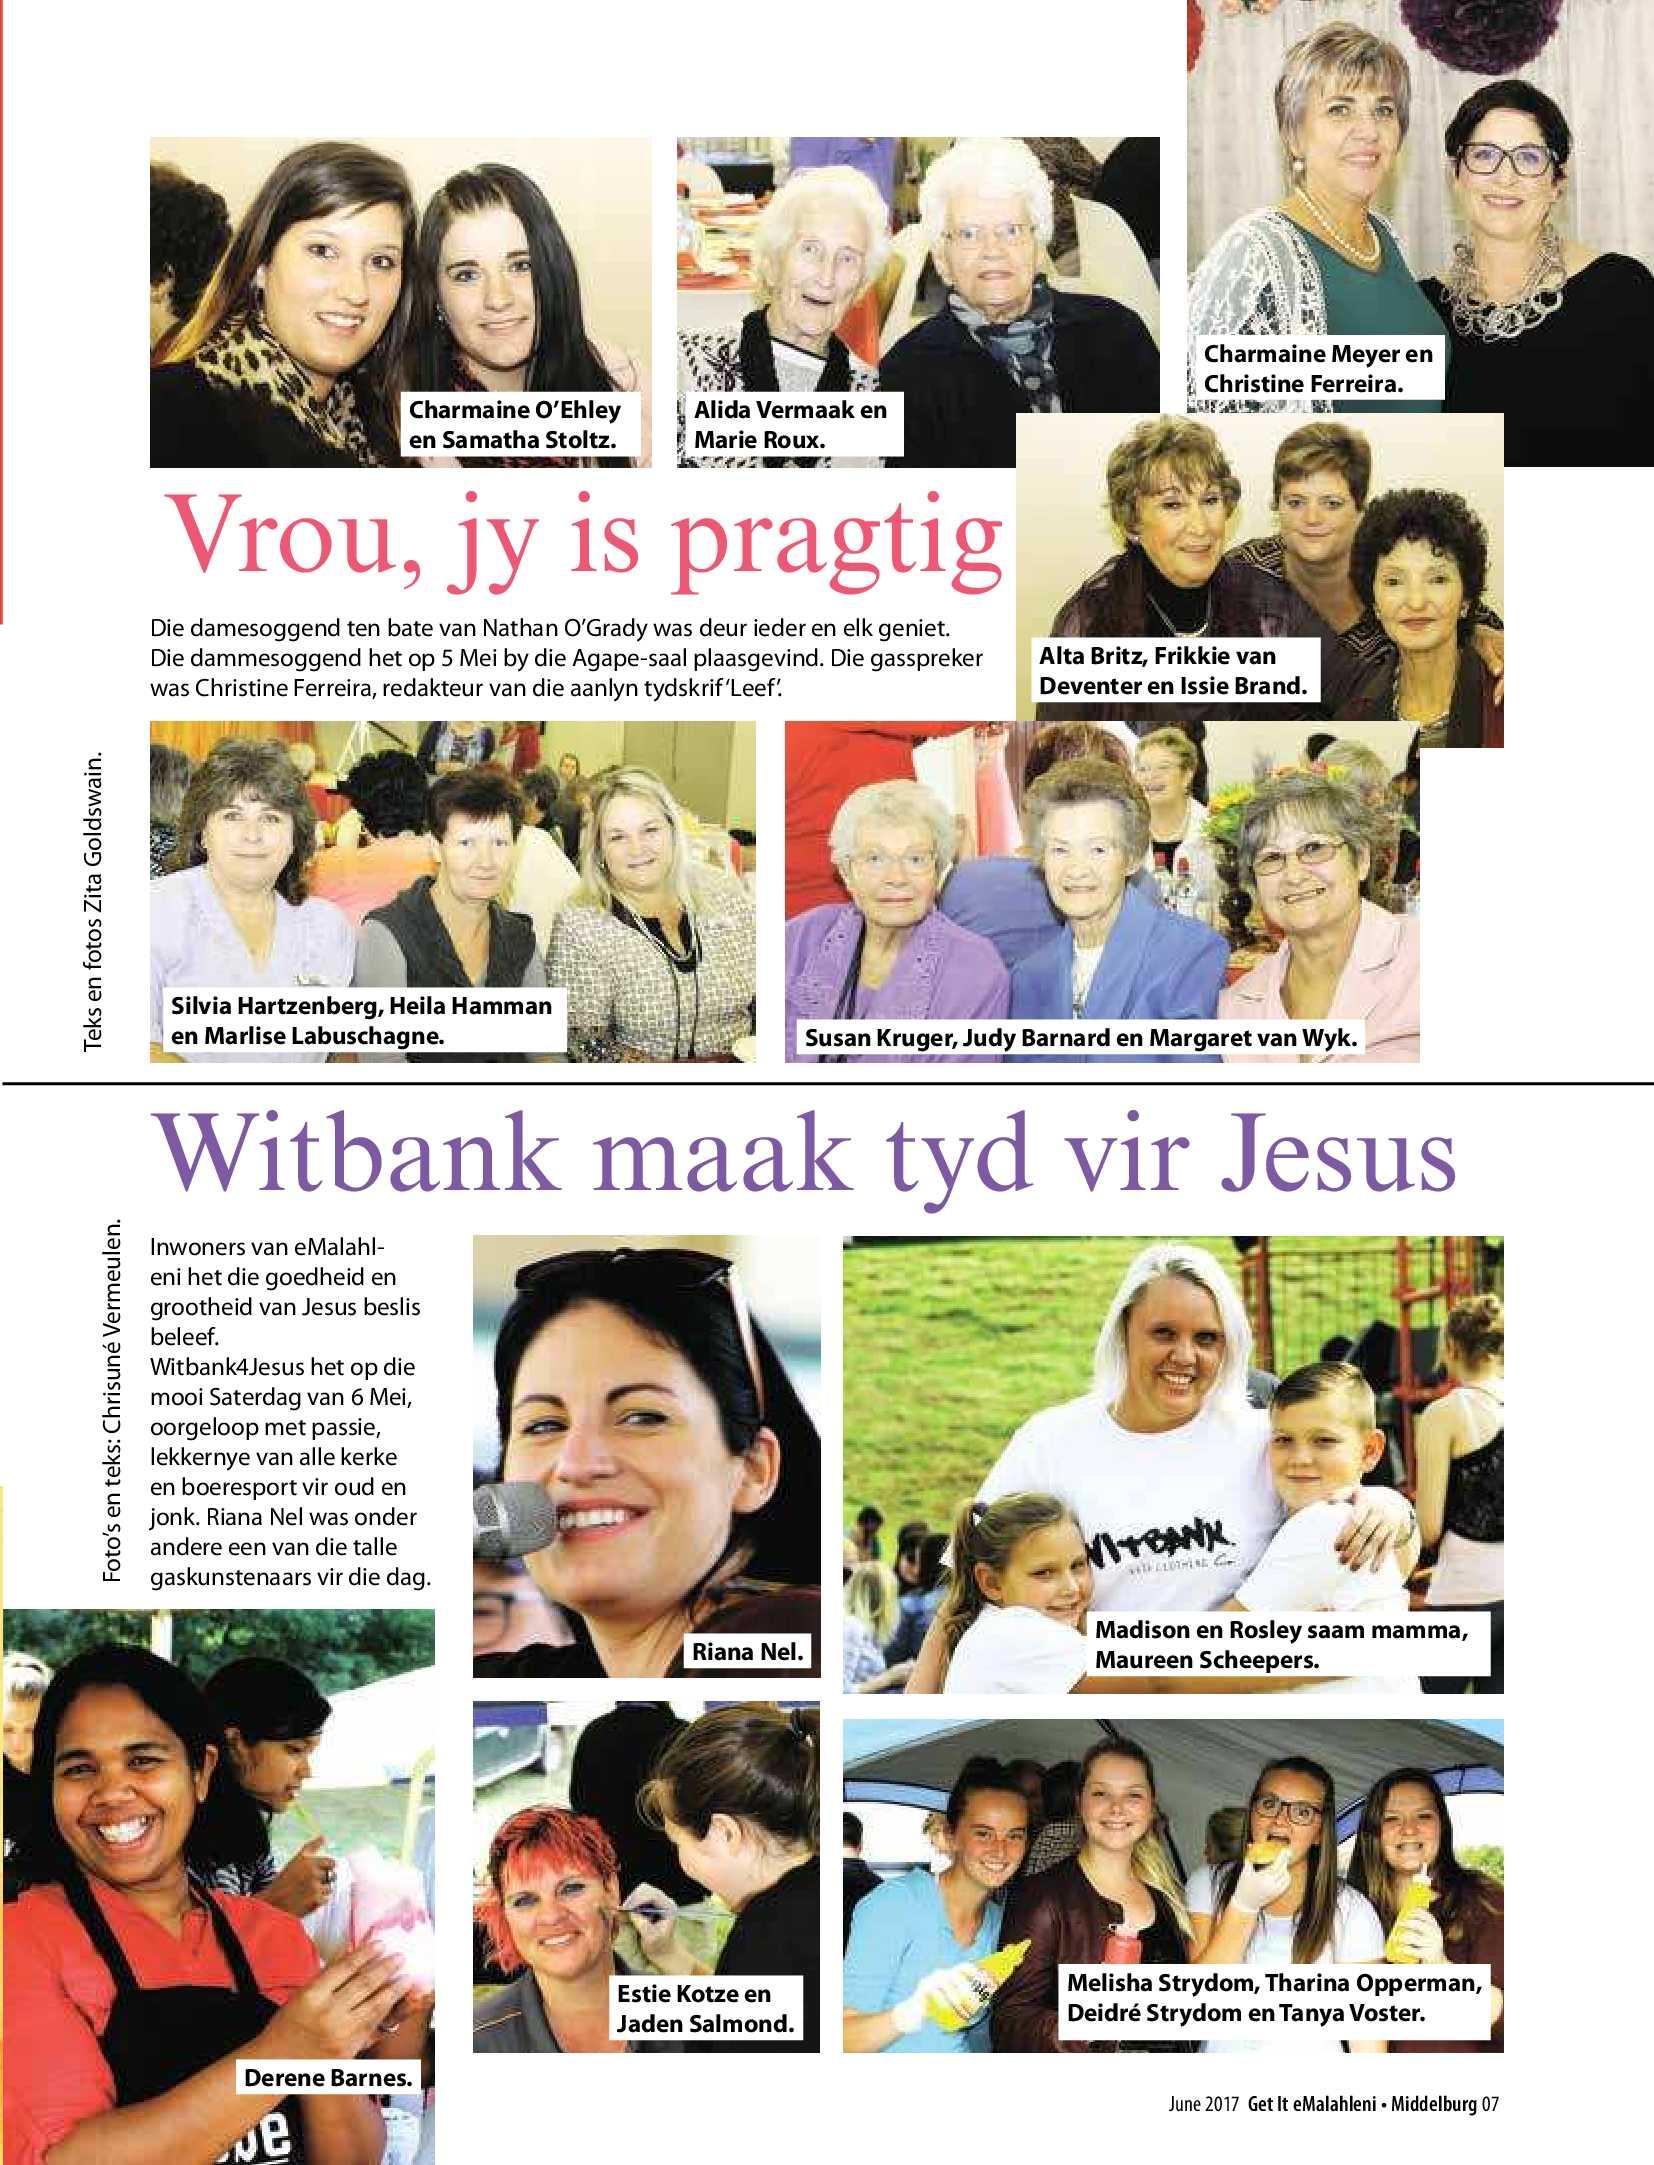 get-middelburg-june-2017-epapers-page-9